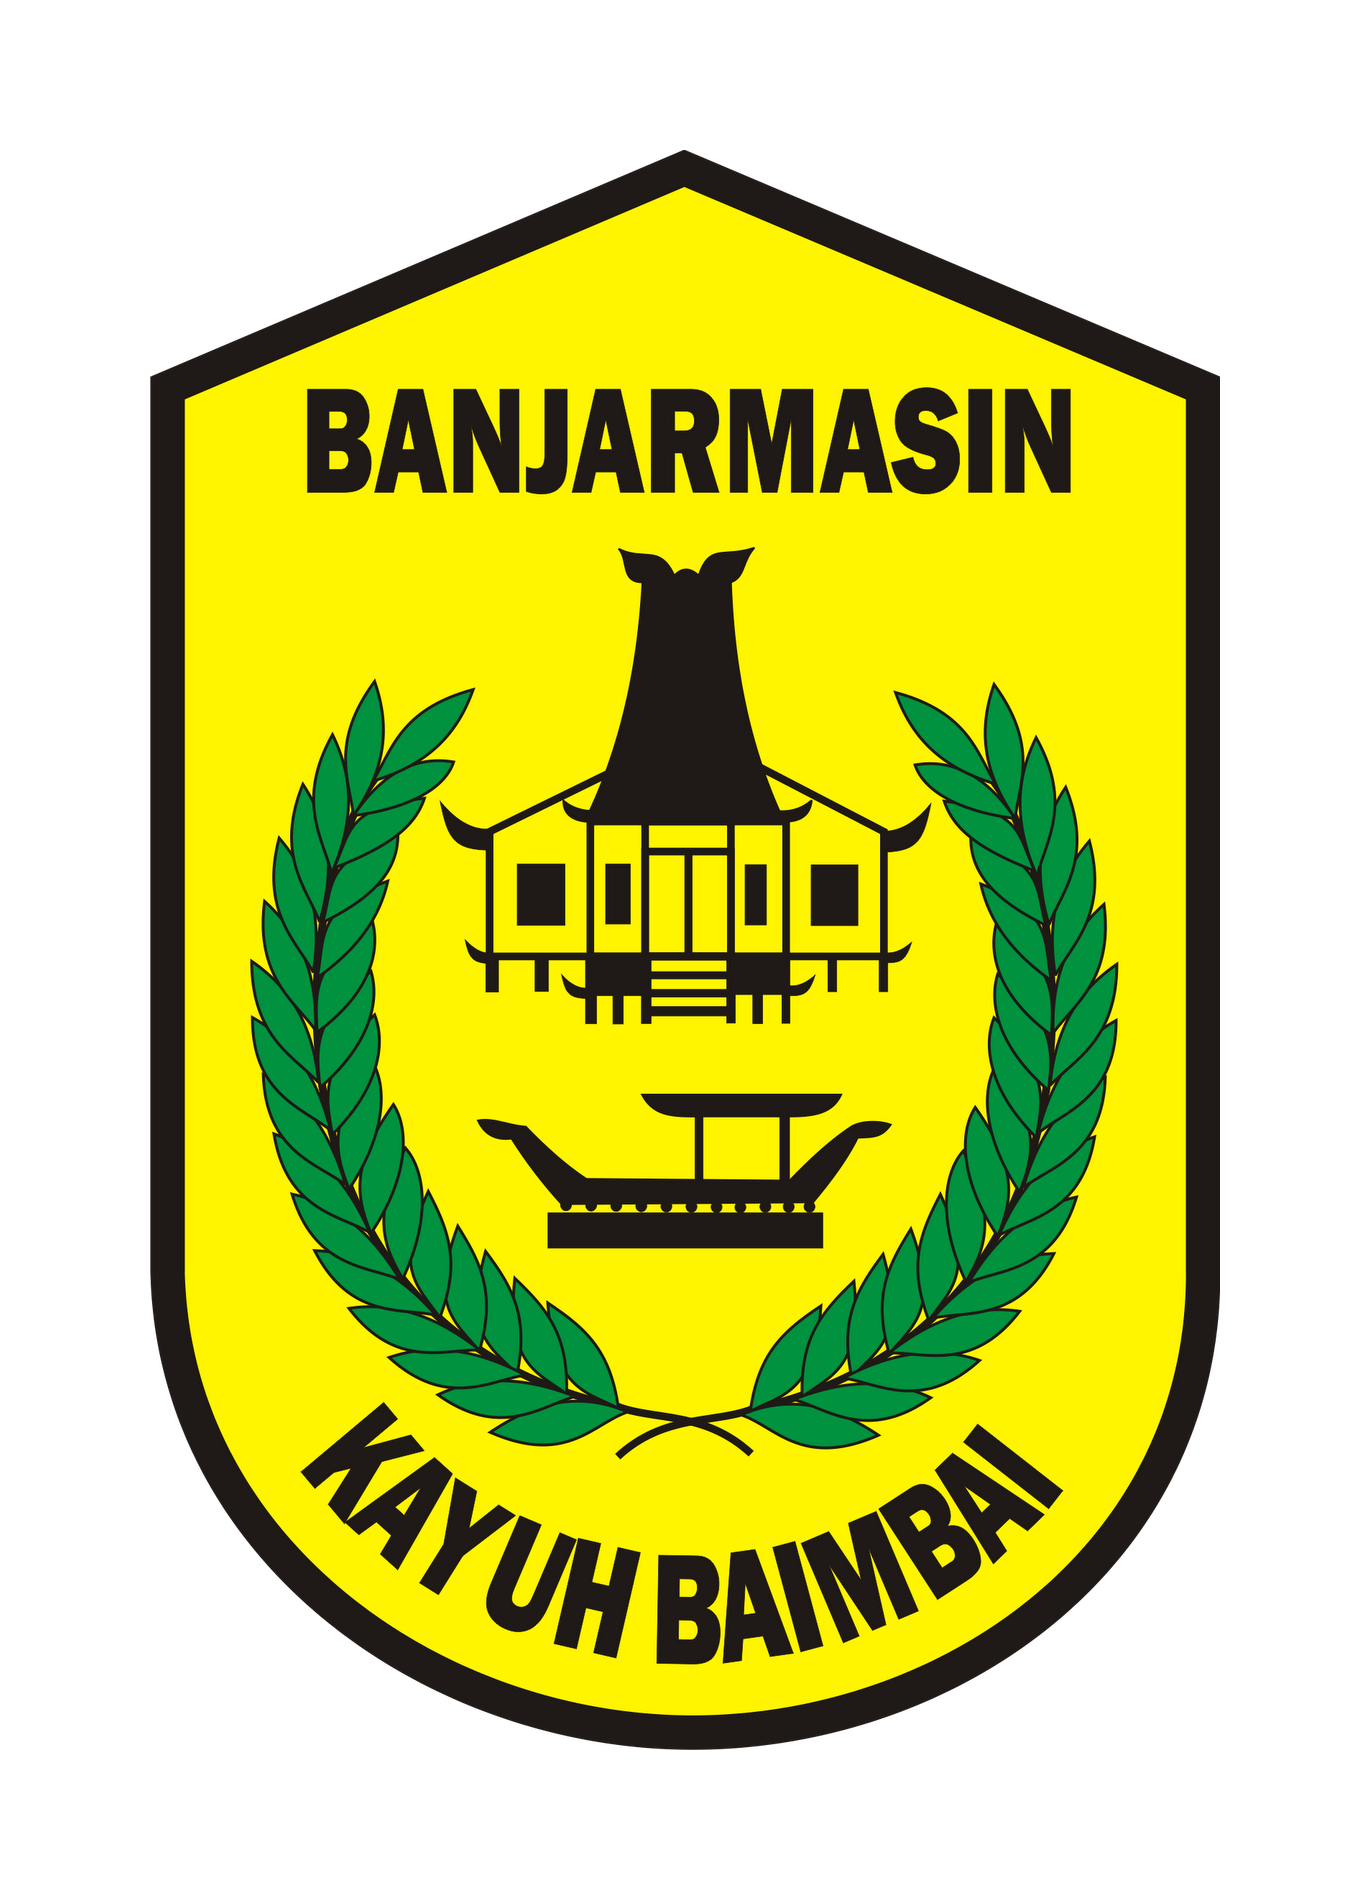 Logo Banjarmasin (Kota Banjarmasin Kalimantan Selatan)